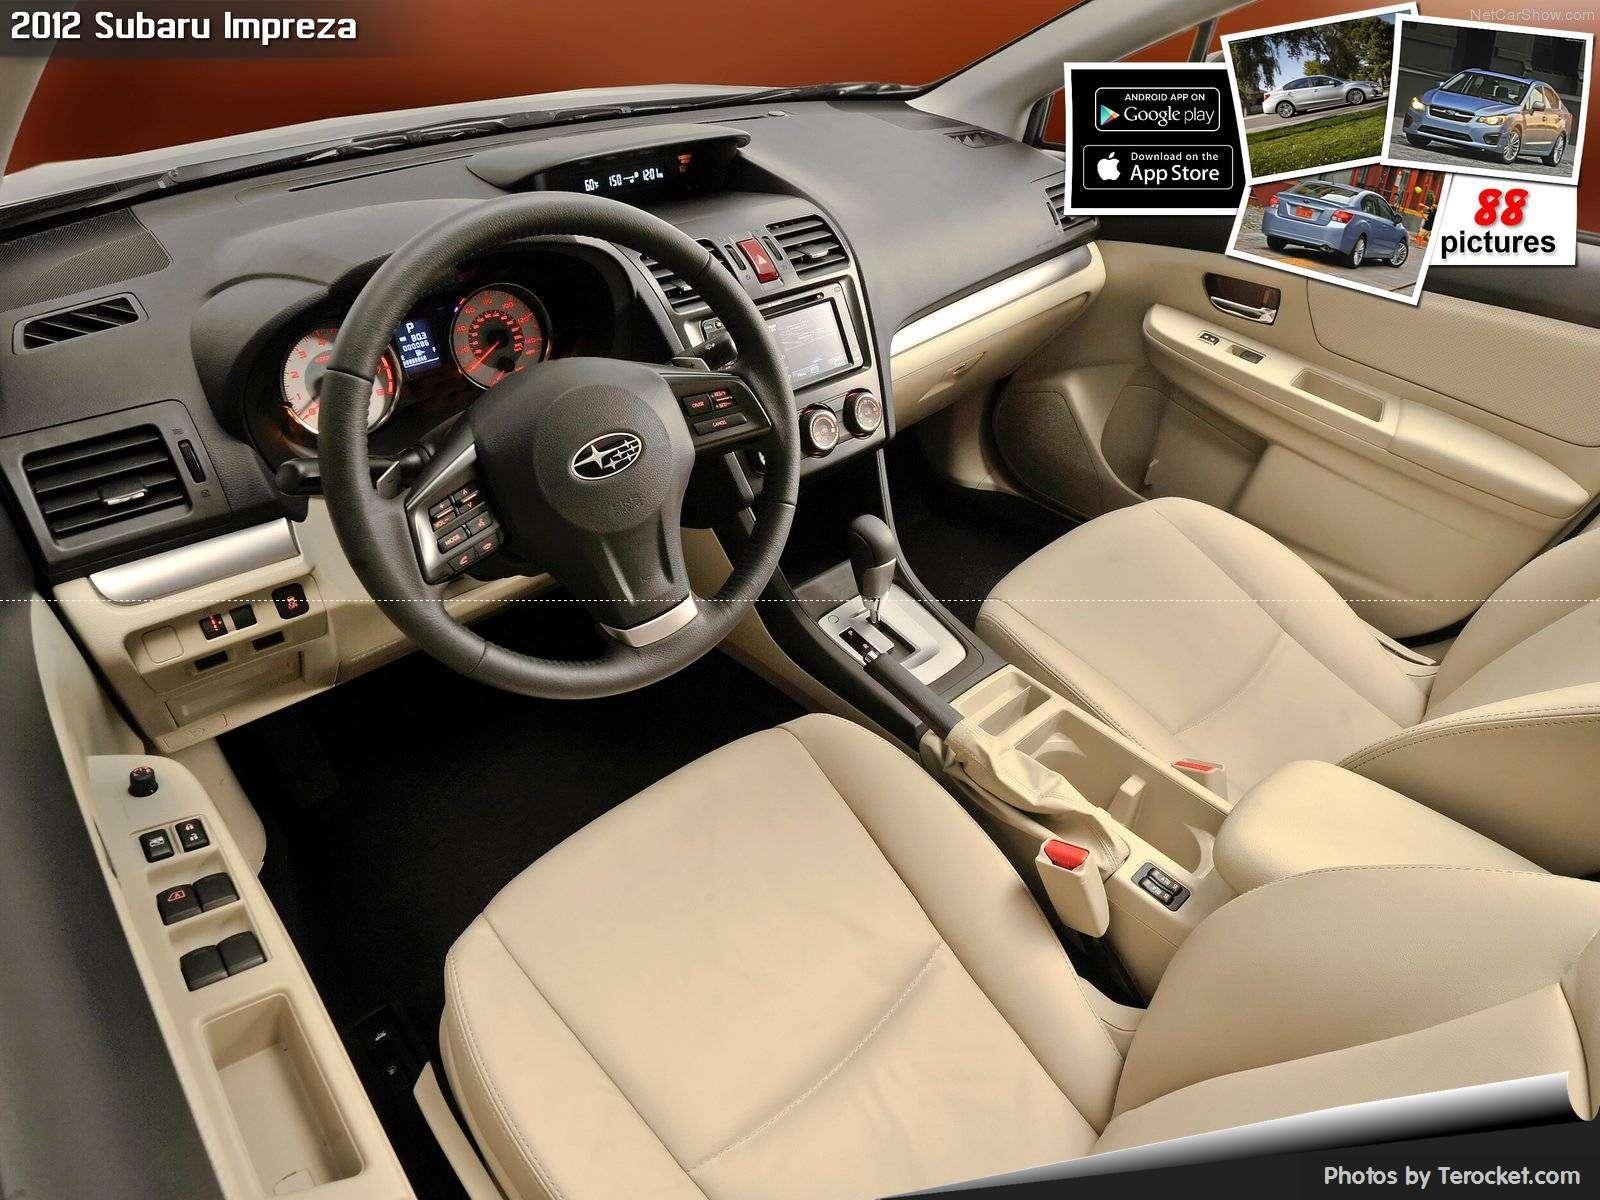 Hình ảnh xe ô tô Subaru Impreza 2012 & nội ngoại thất